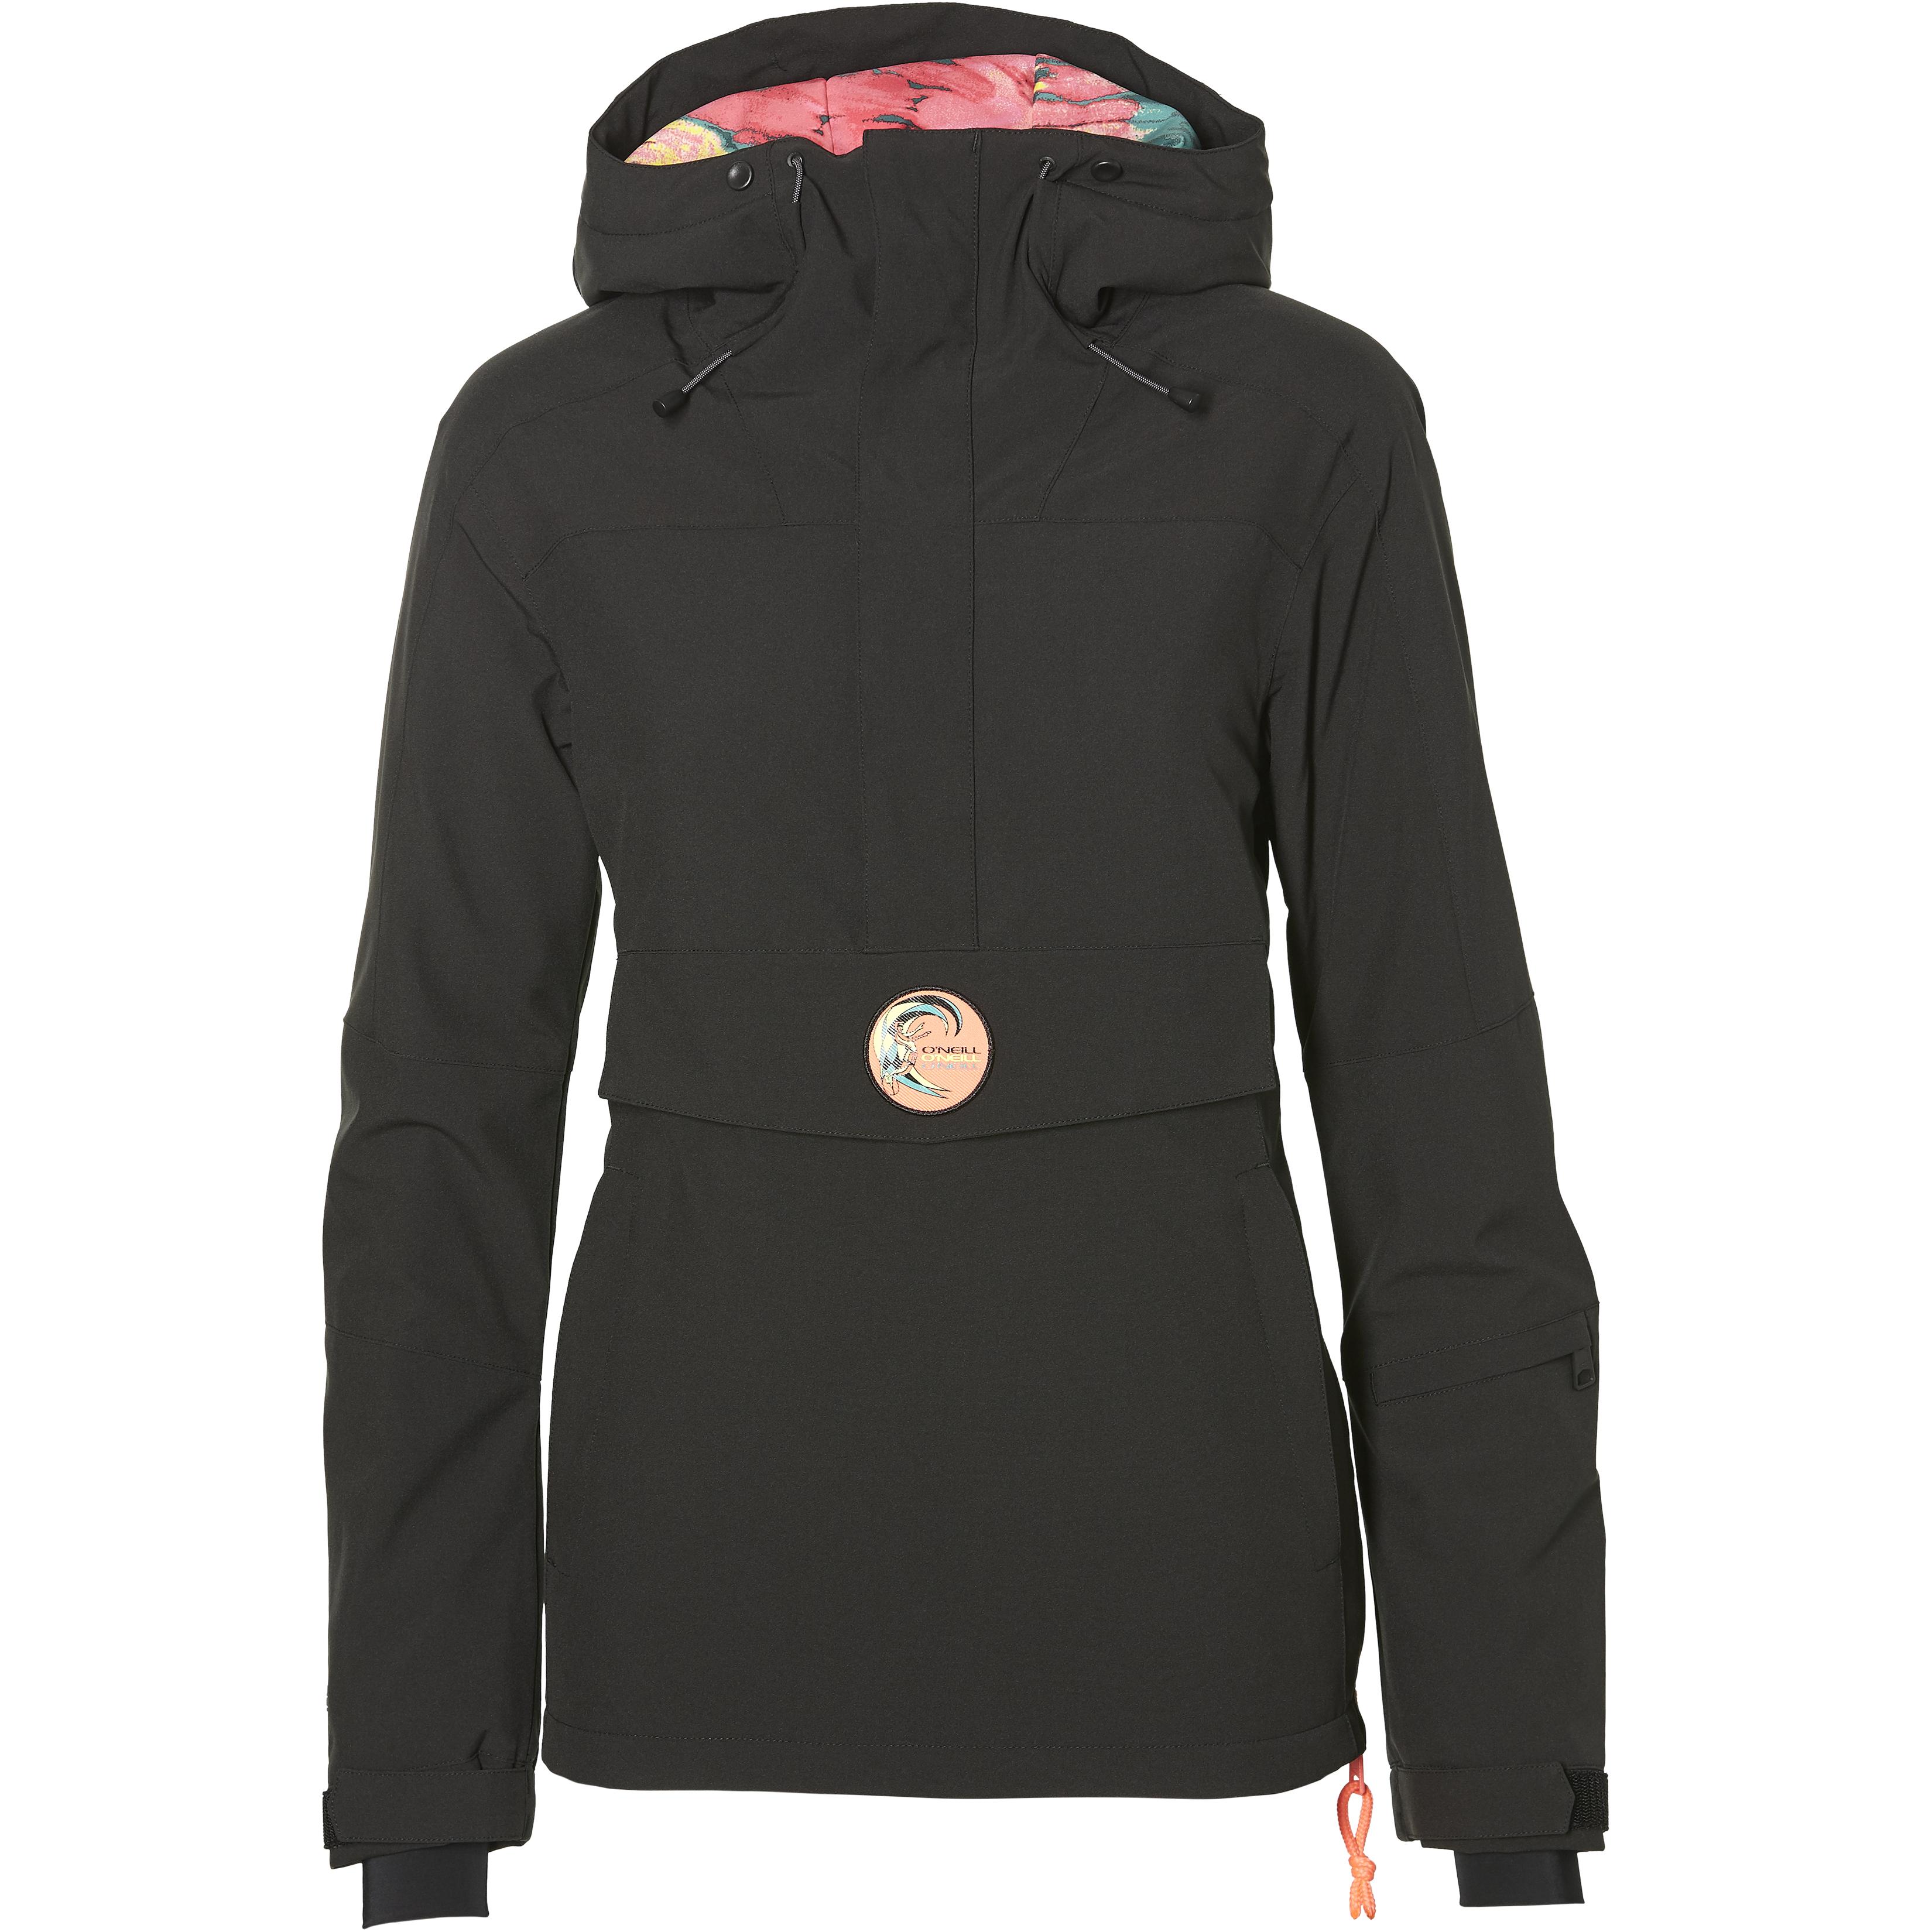 O Neill Jacke Größe M Outdoorwear Wie Neu Oneill FüR Schnellen Versand Jacken & Mäntel